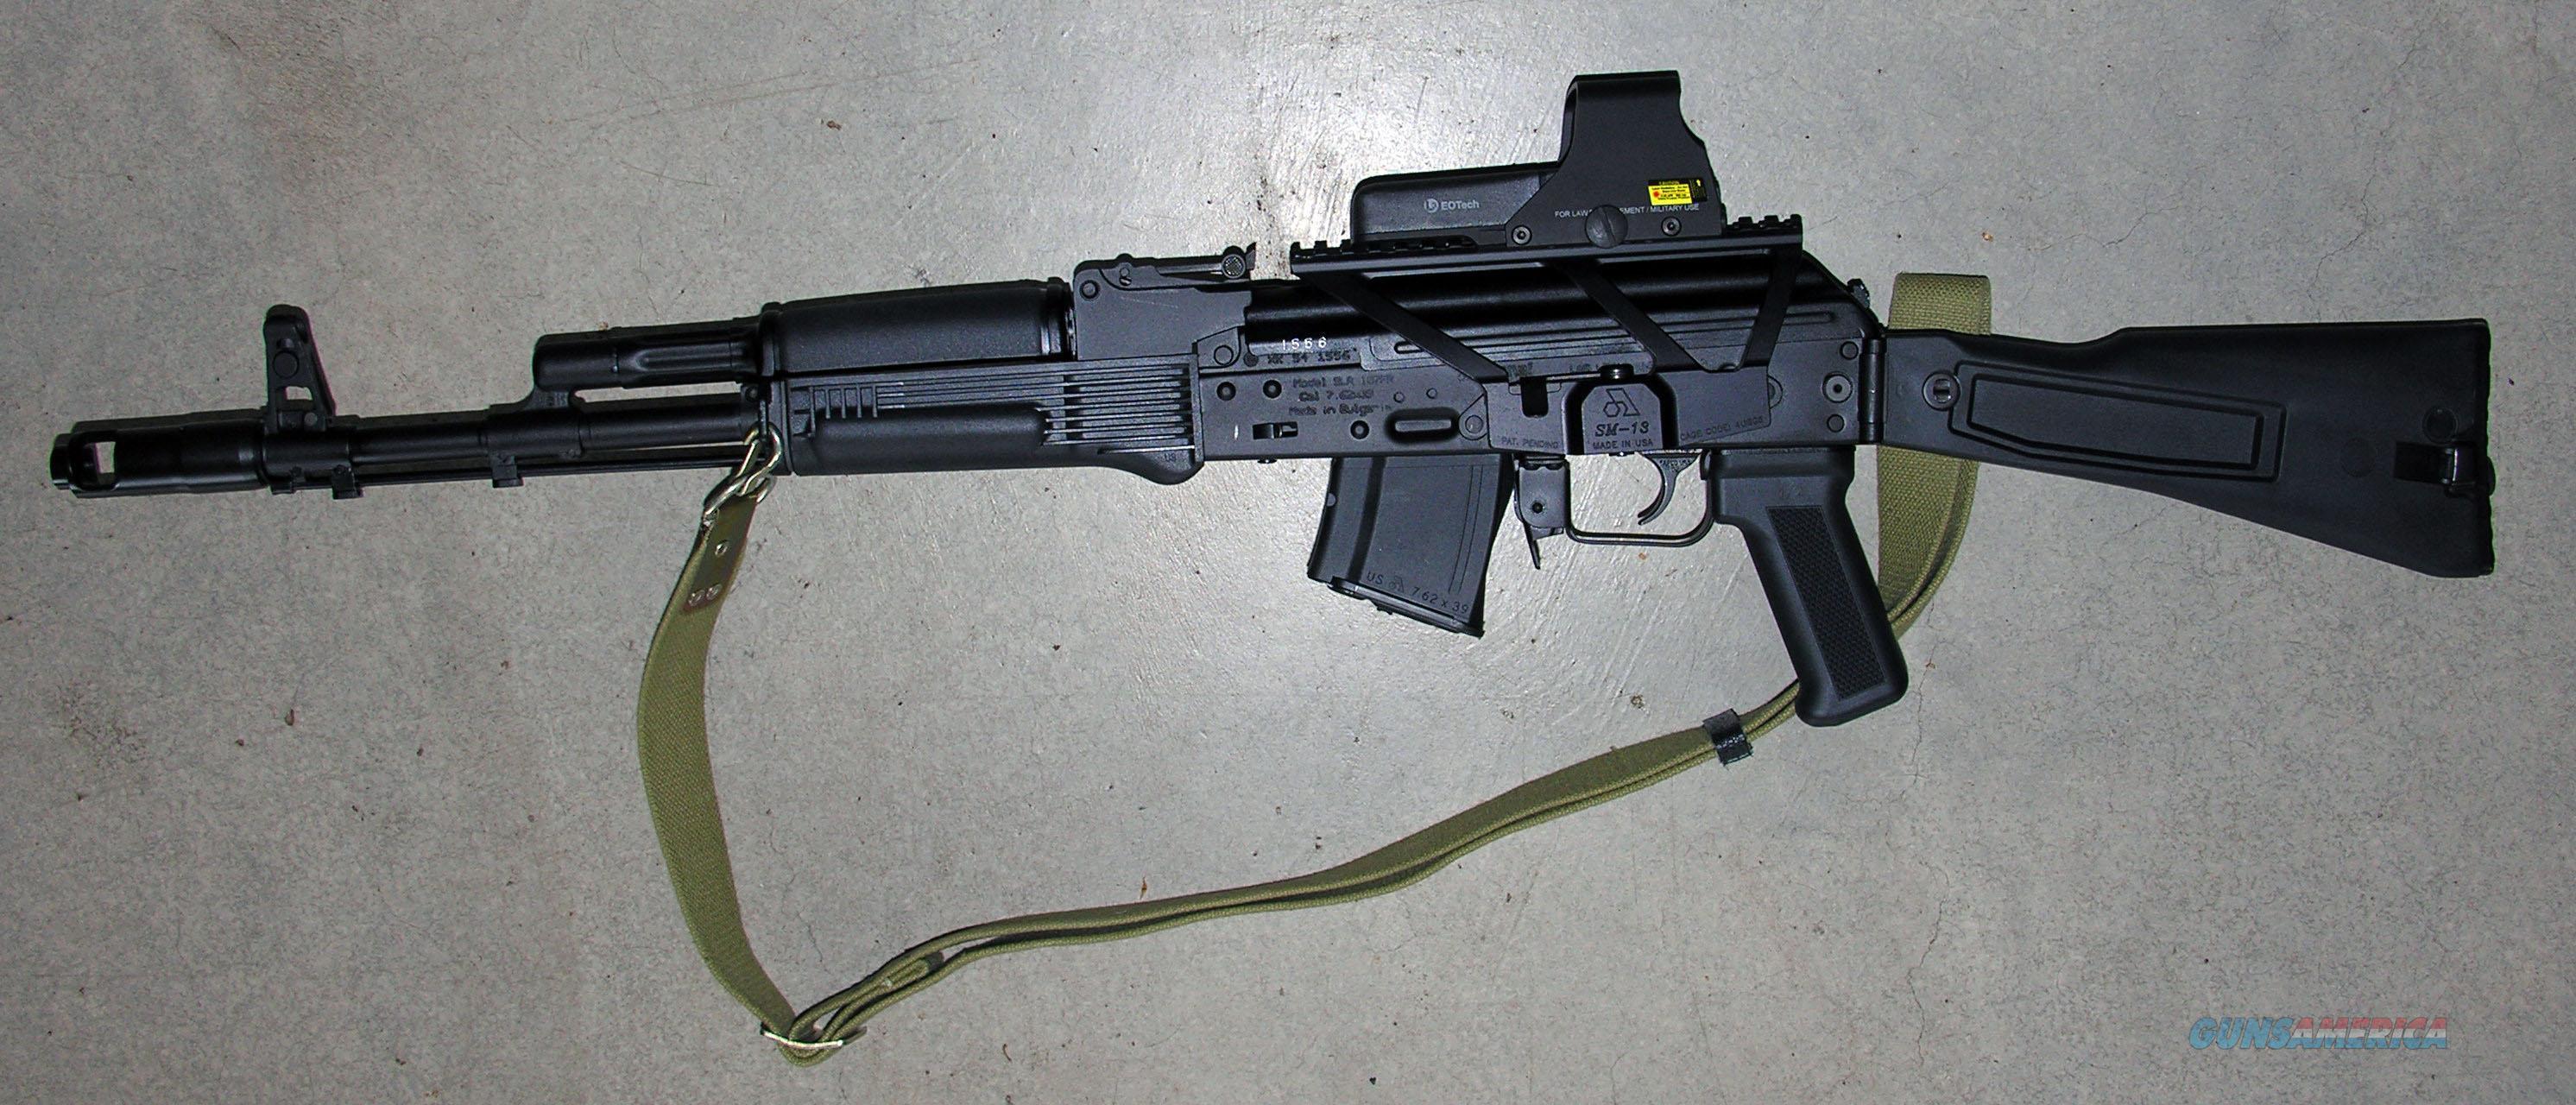 Arsenal Ak 47 Slr 107 31 7 62x39 Eotech Sight For Sale